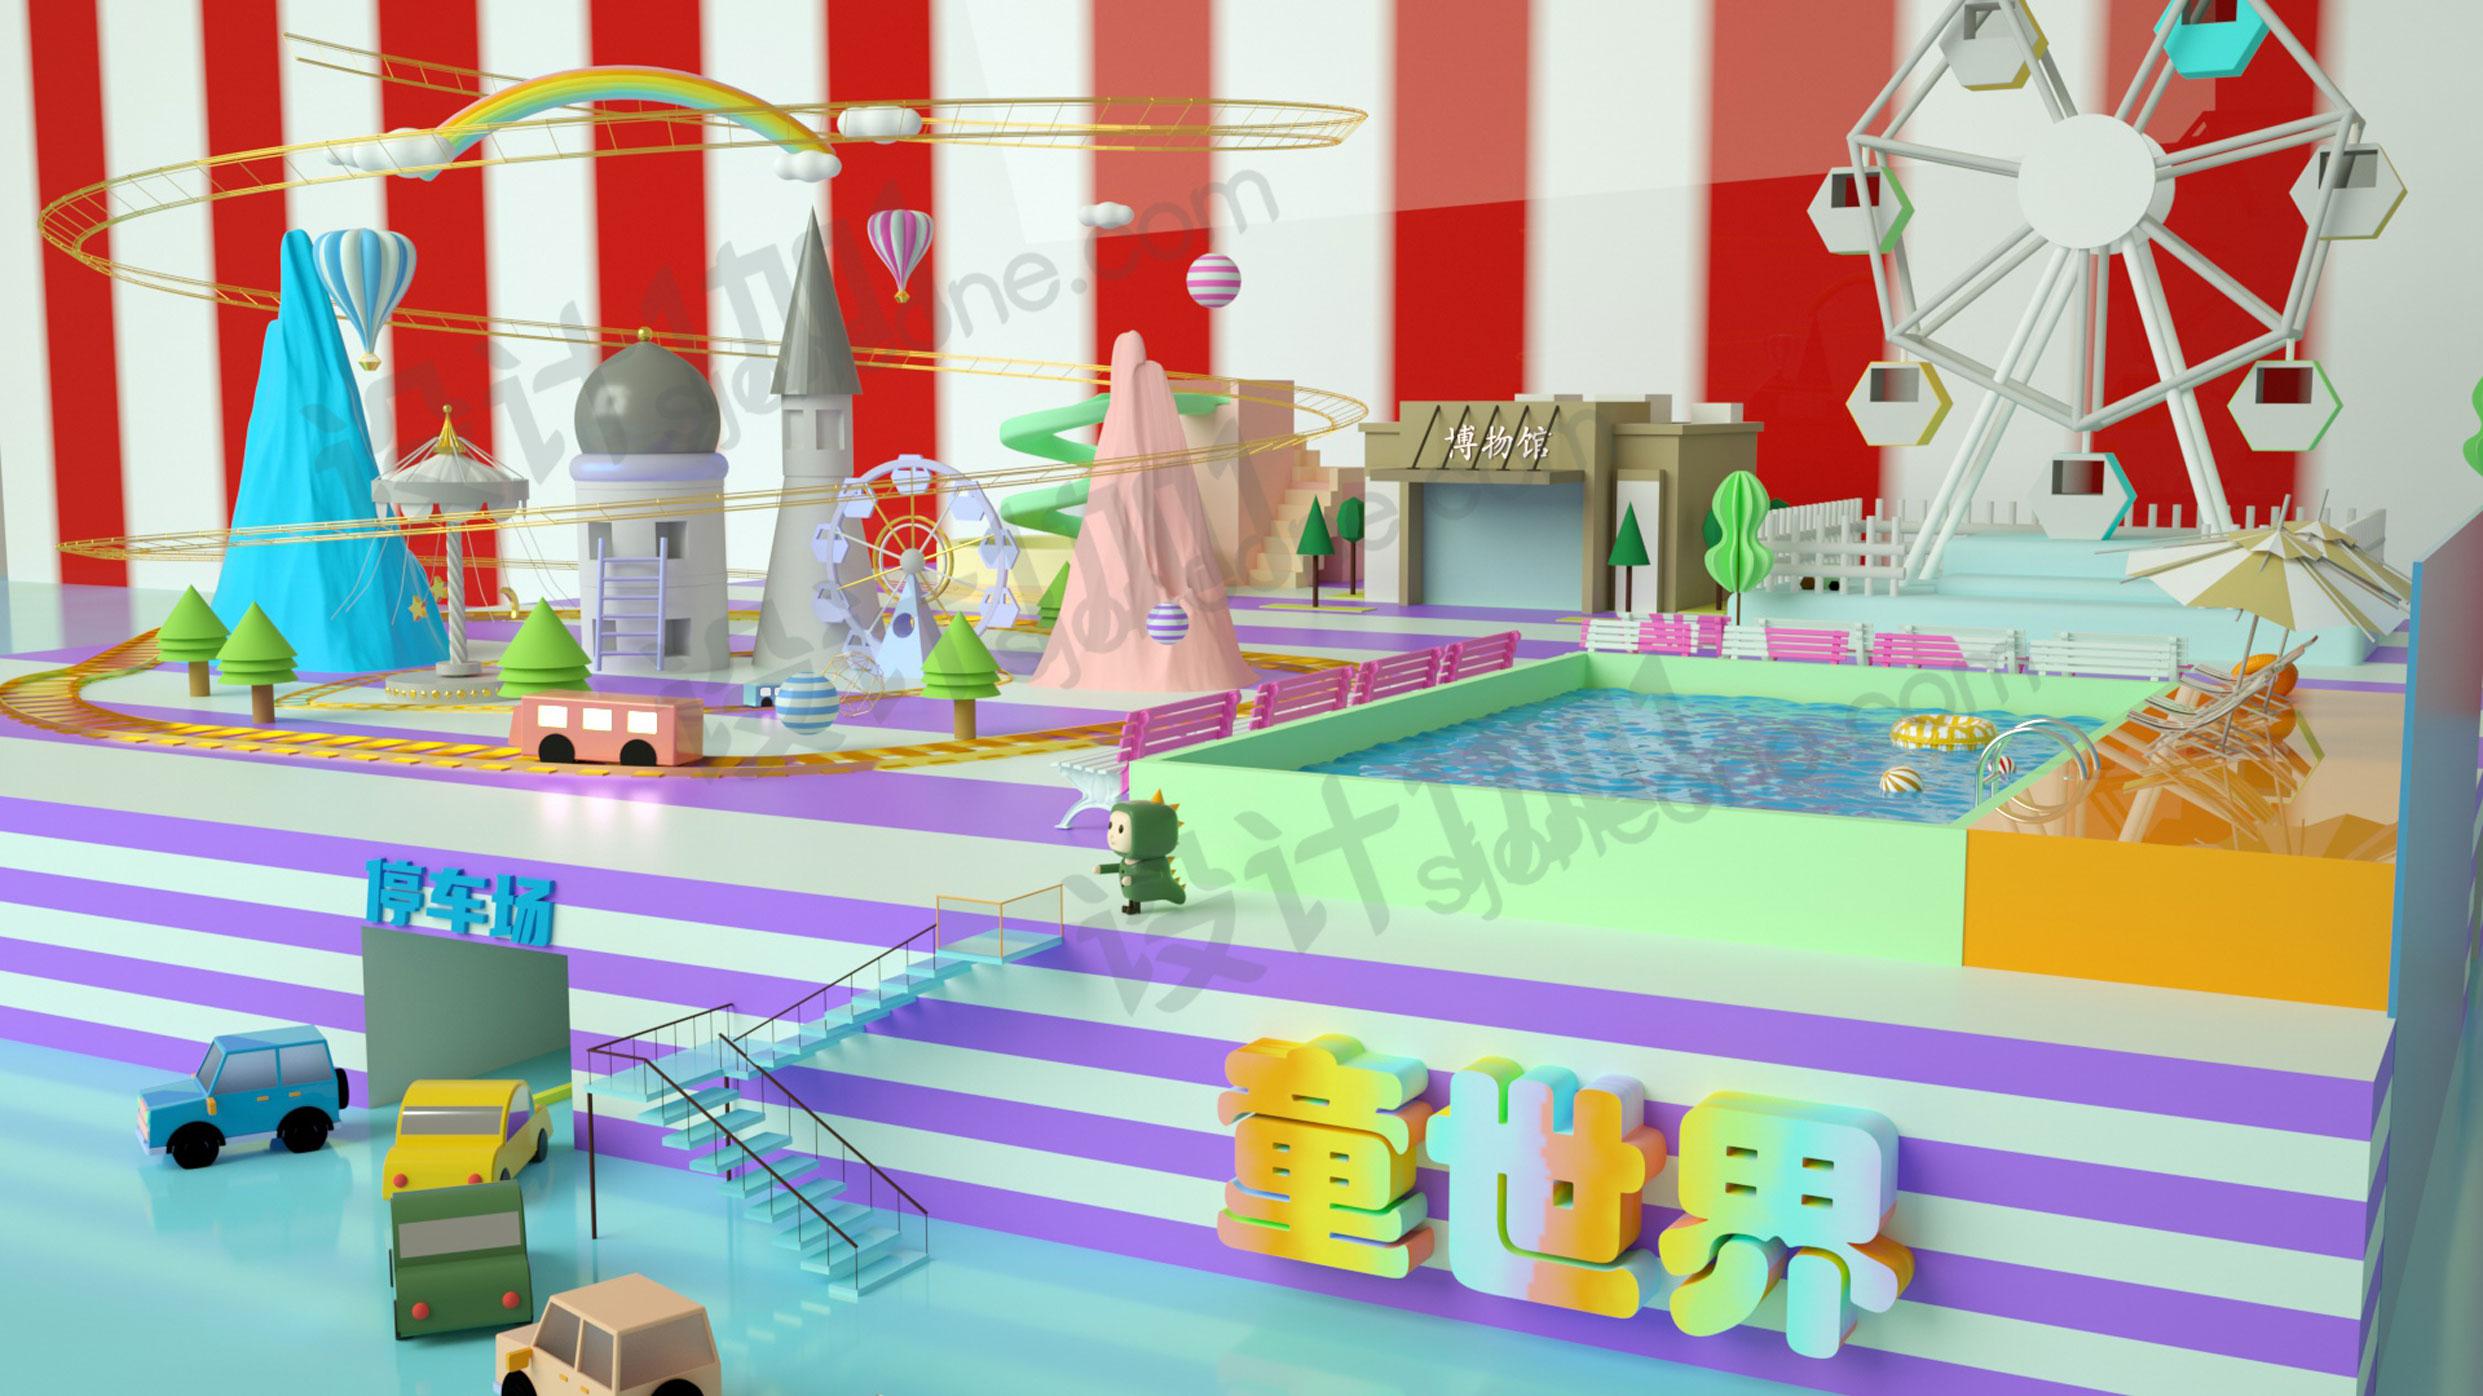 c4d儿童乐园素材模型